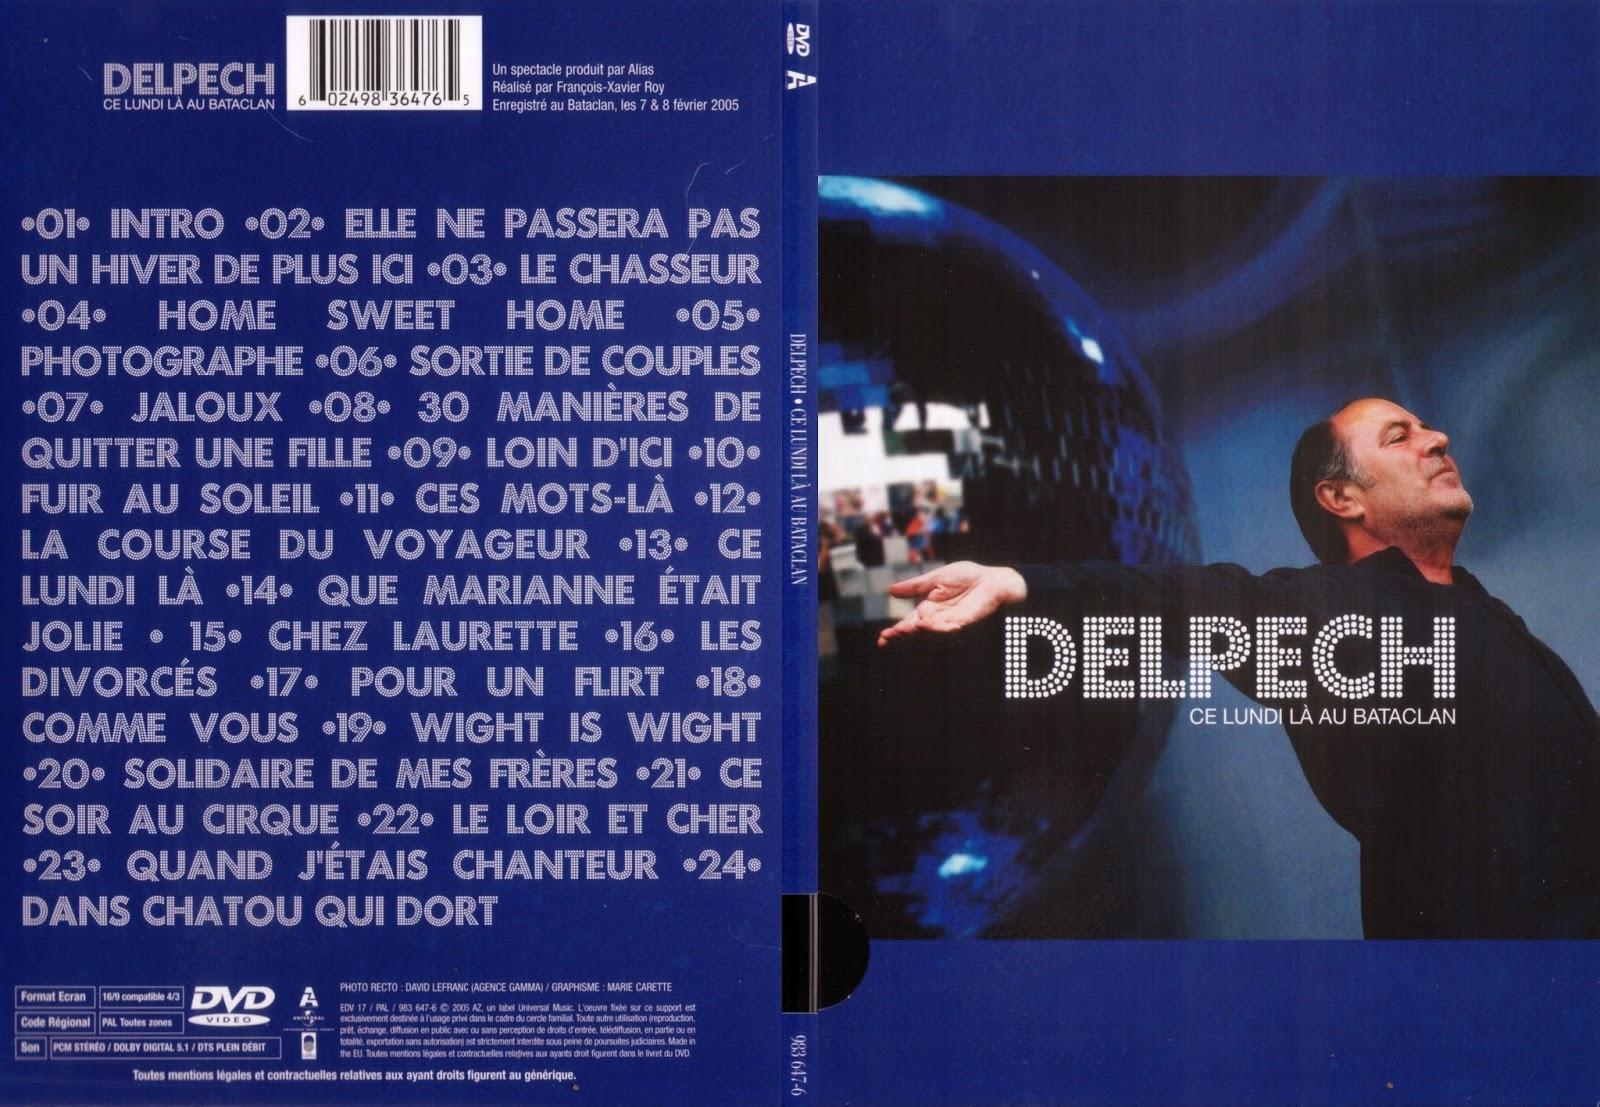 Delpech___Ce_lundi_la_au_bataclan-10483026082007